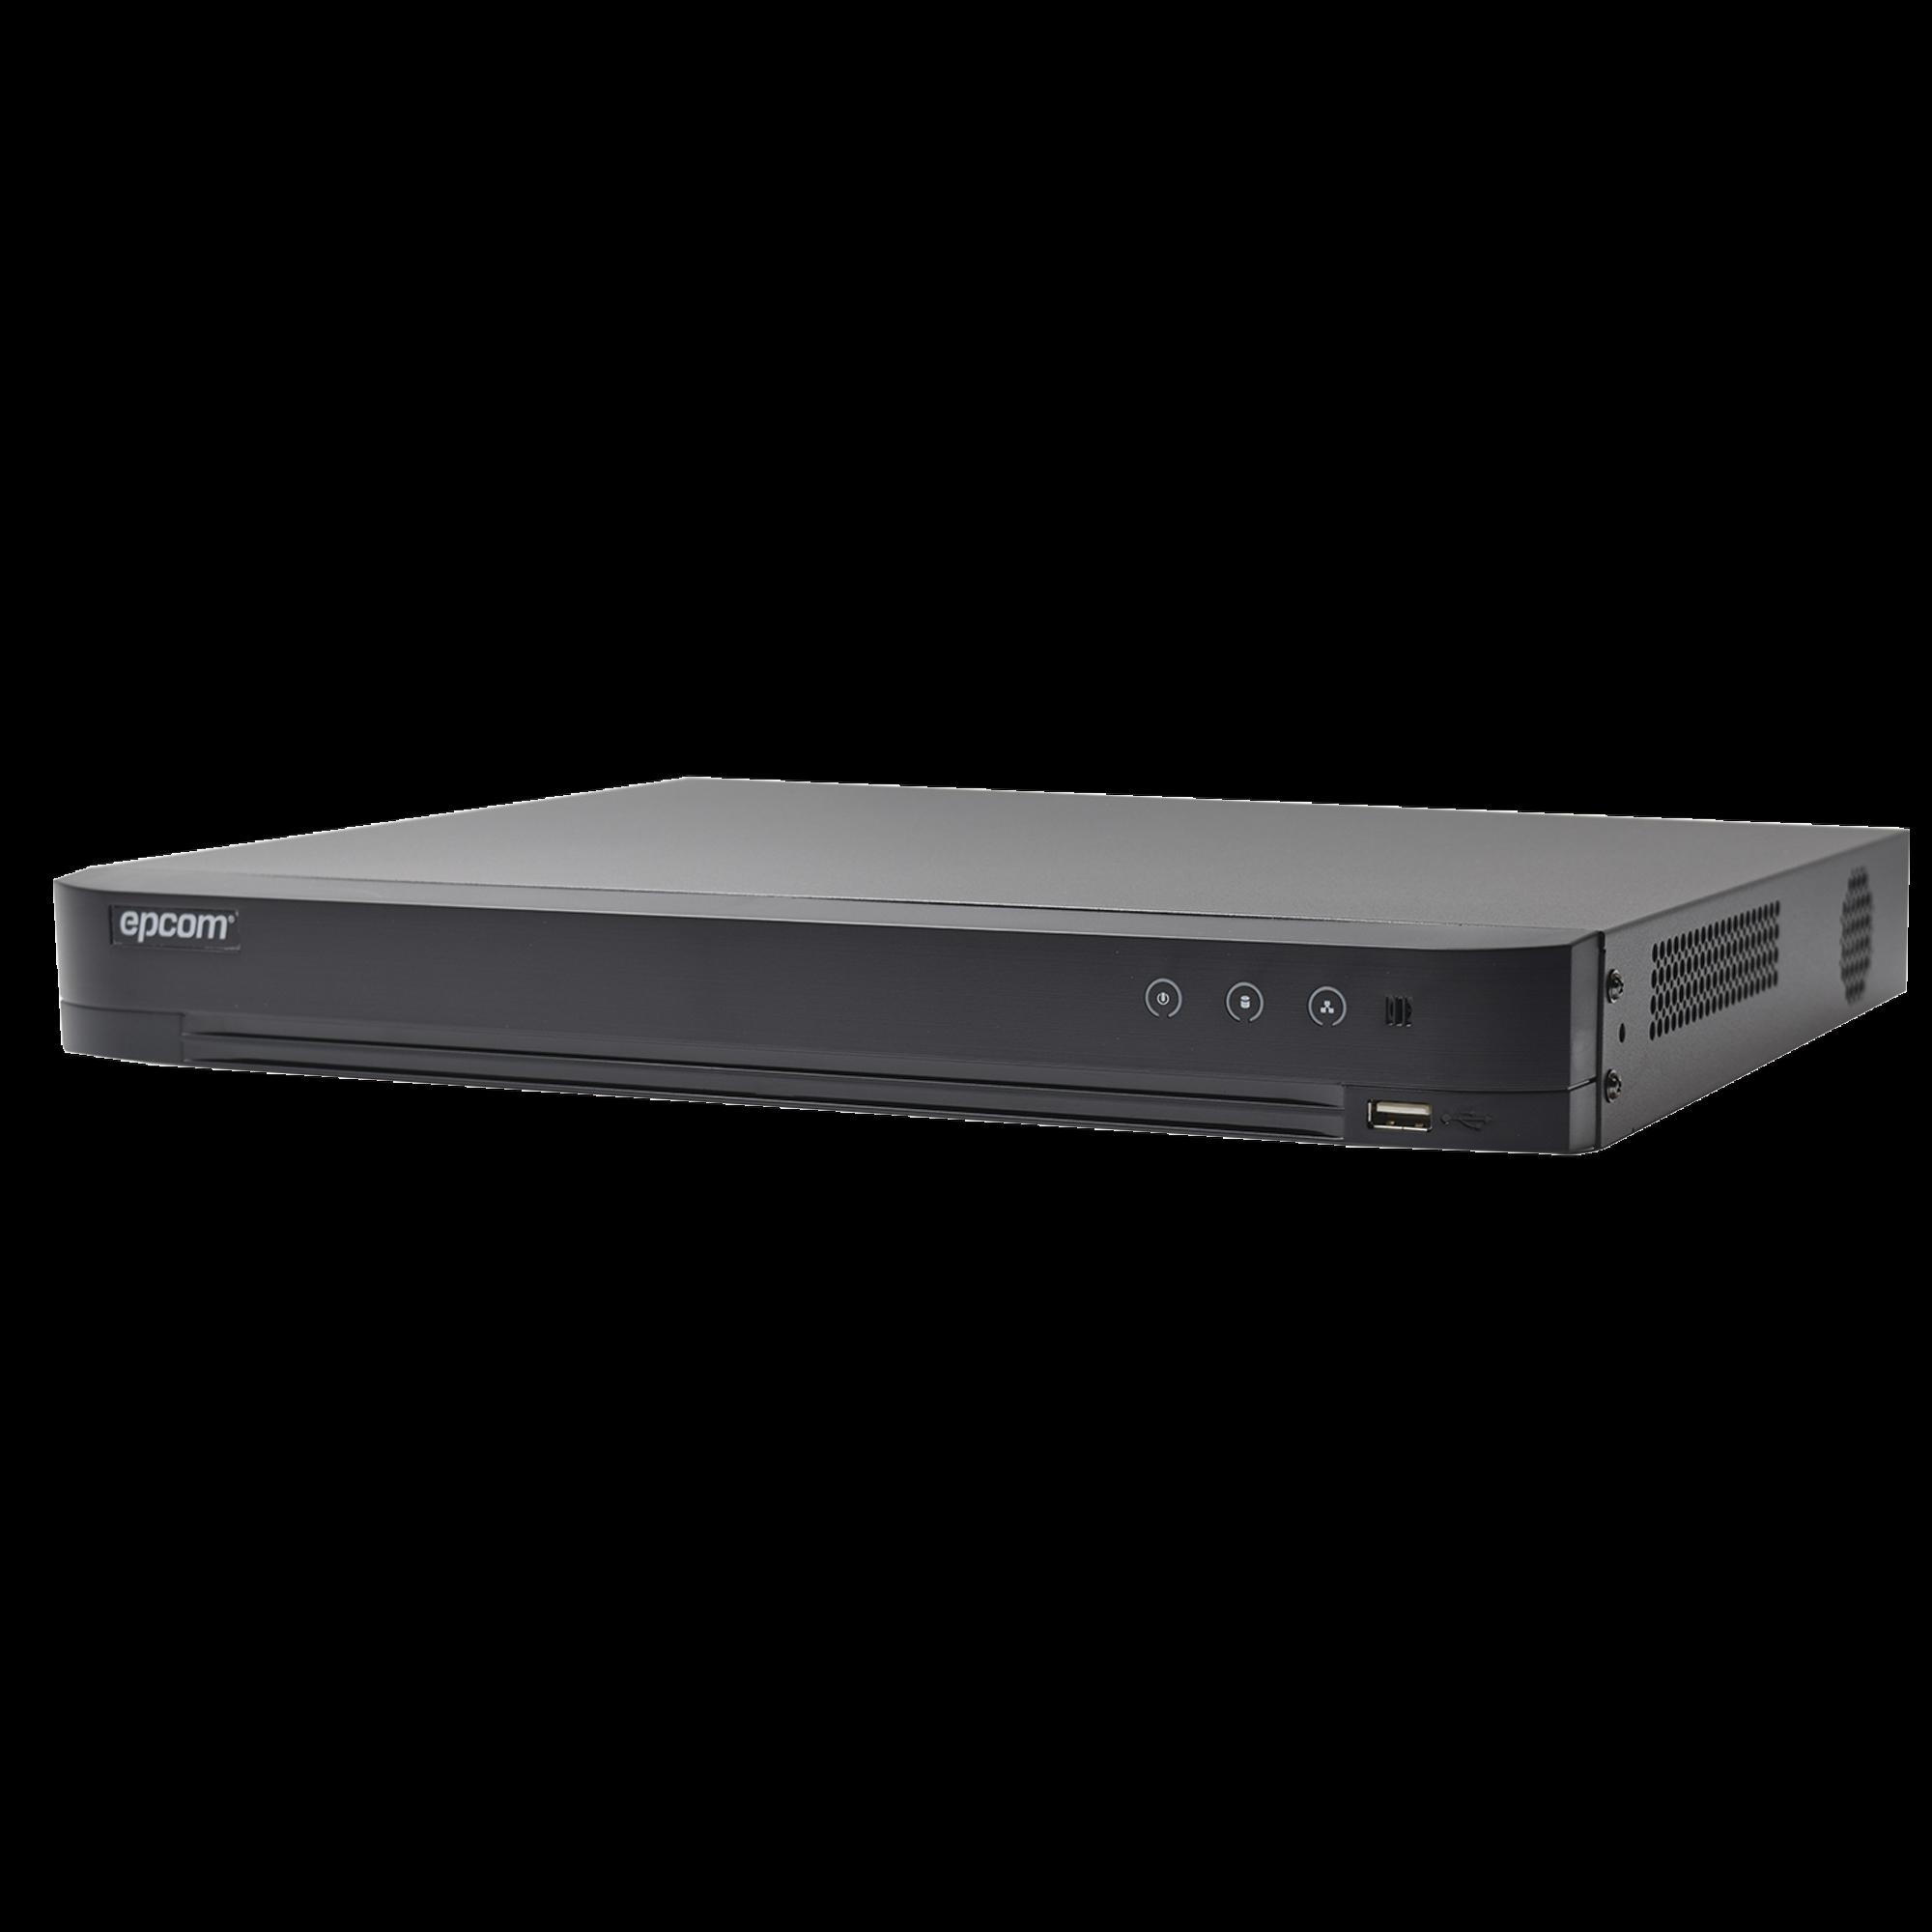 DVR 4 Megapixel / 8 Canales TurboHD + 4 Canales IP / Detección de Rostros / 1 Bahía de Disco Duro / Audio por Coaxitron